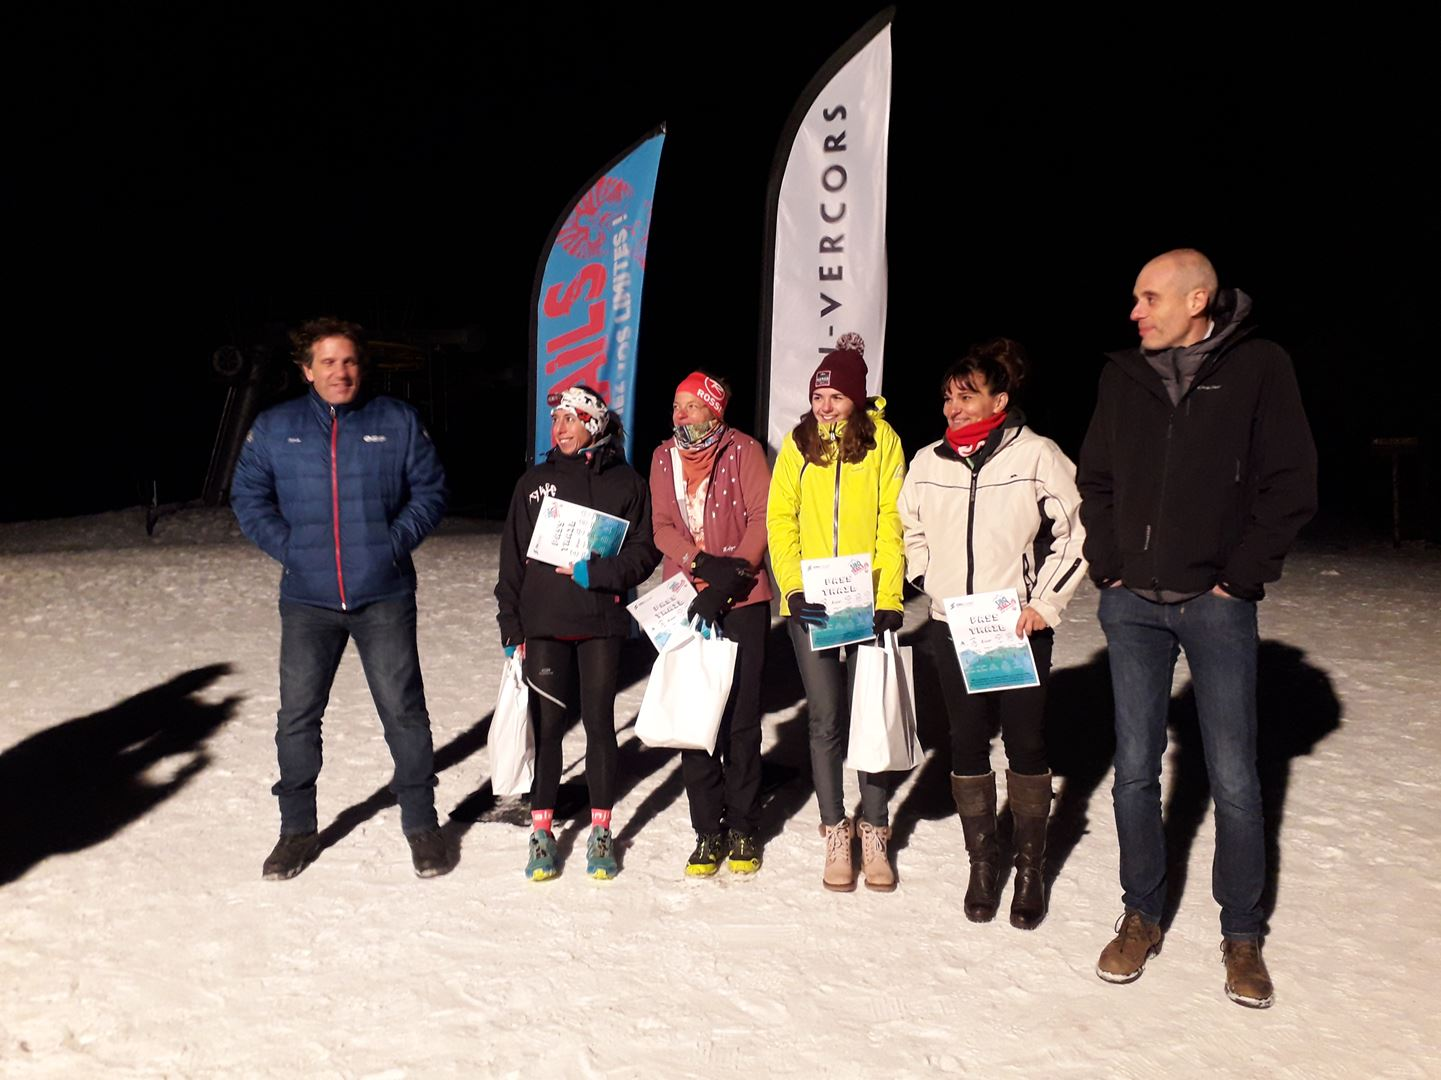 podium femmes 8km - RESULTATS ET PHOTOS DU WINTER SIBOTRAIL LANS EN VERCORS (07/03/2020)